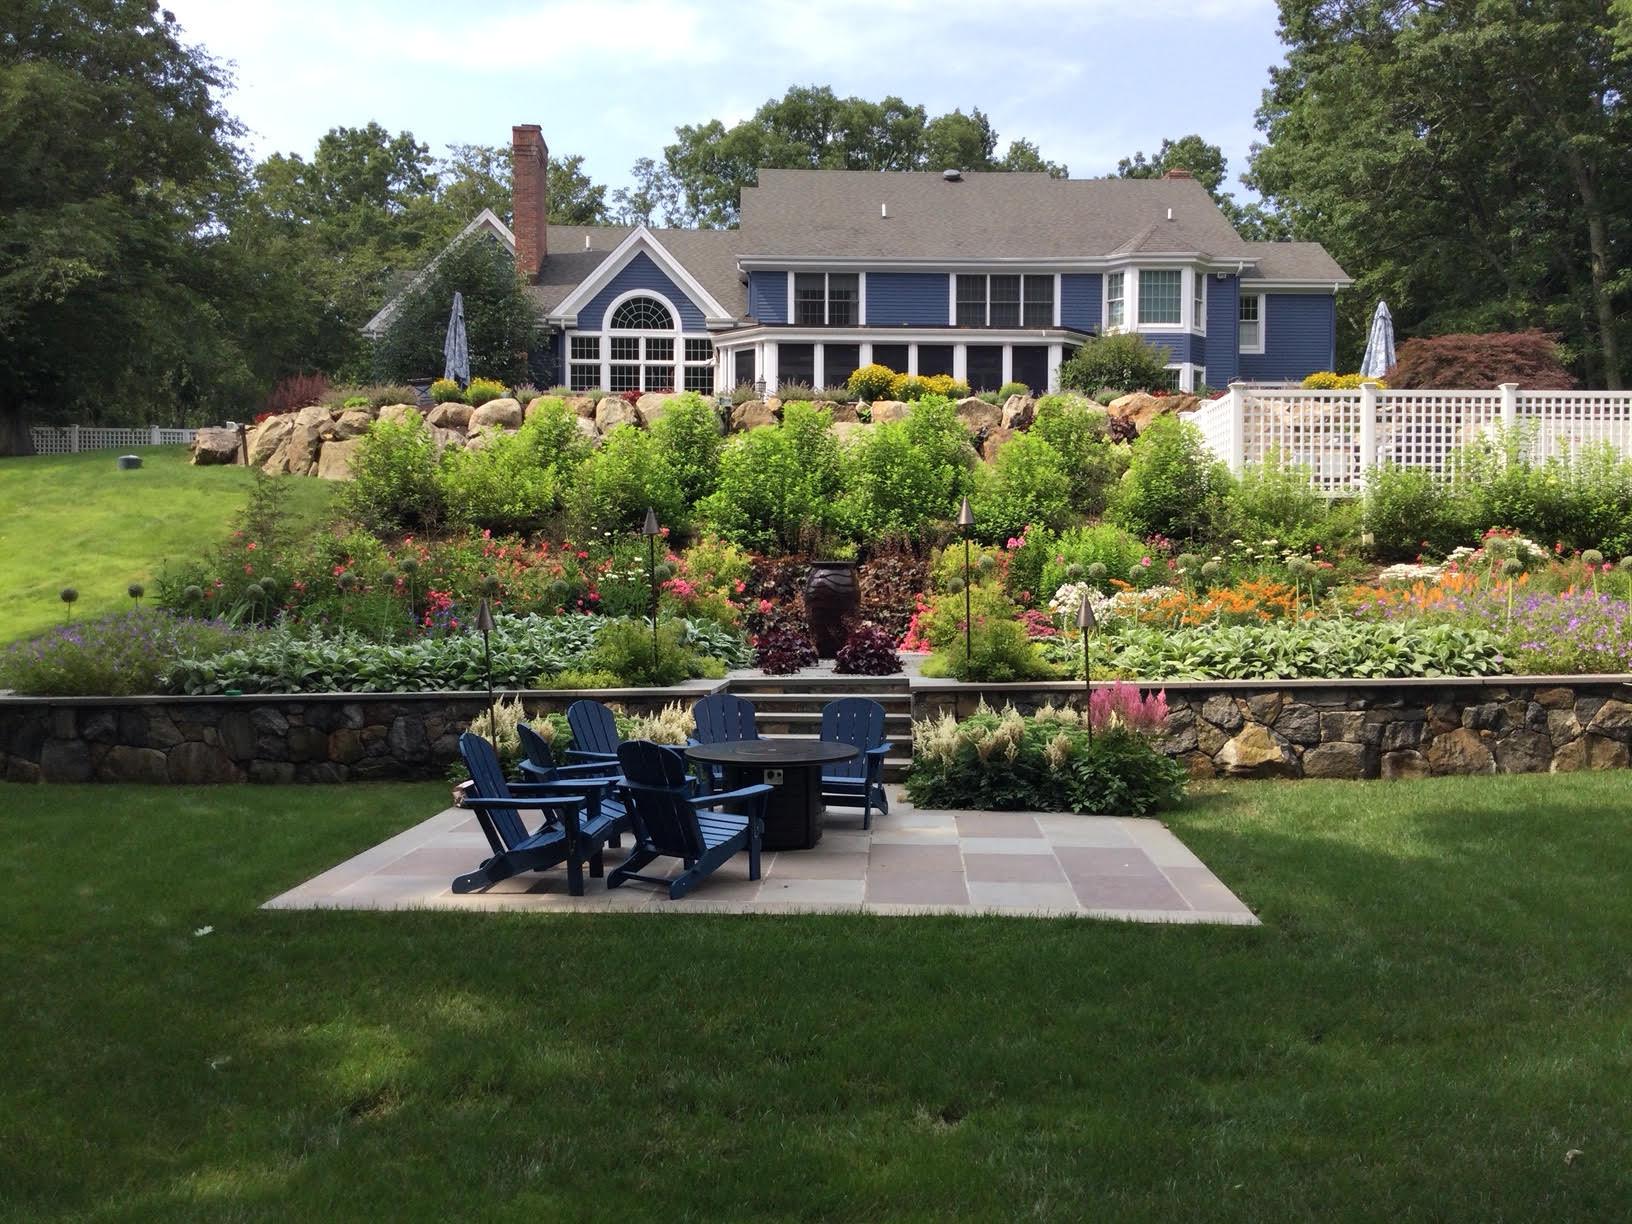 Pollinator Garden and Firepit Destination